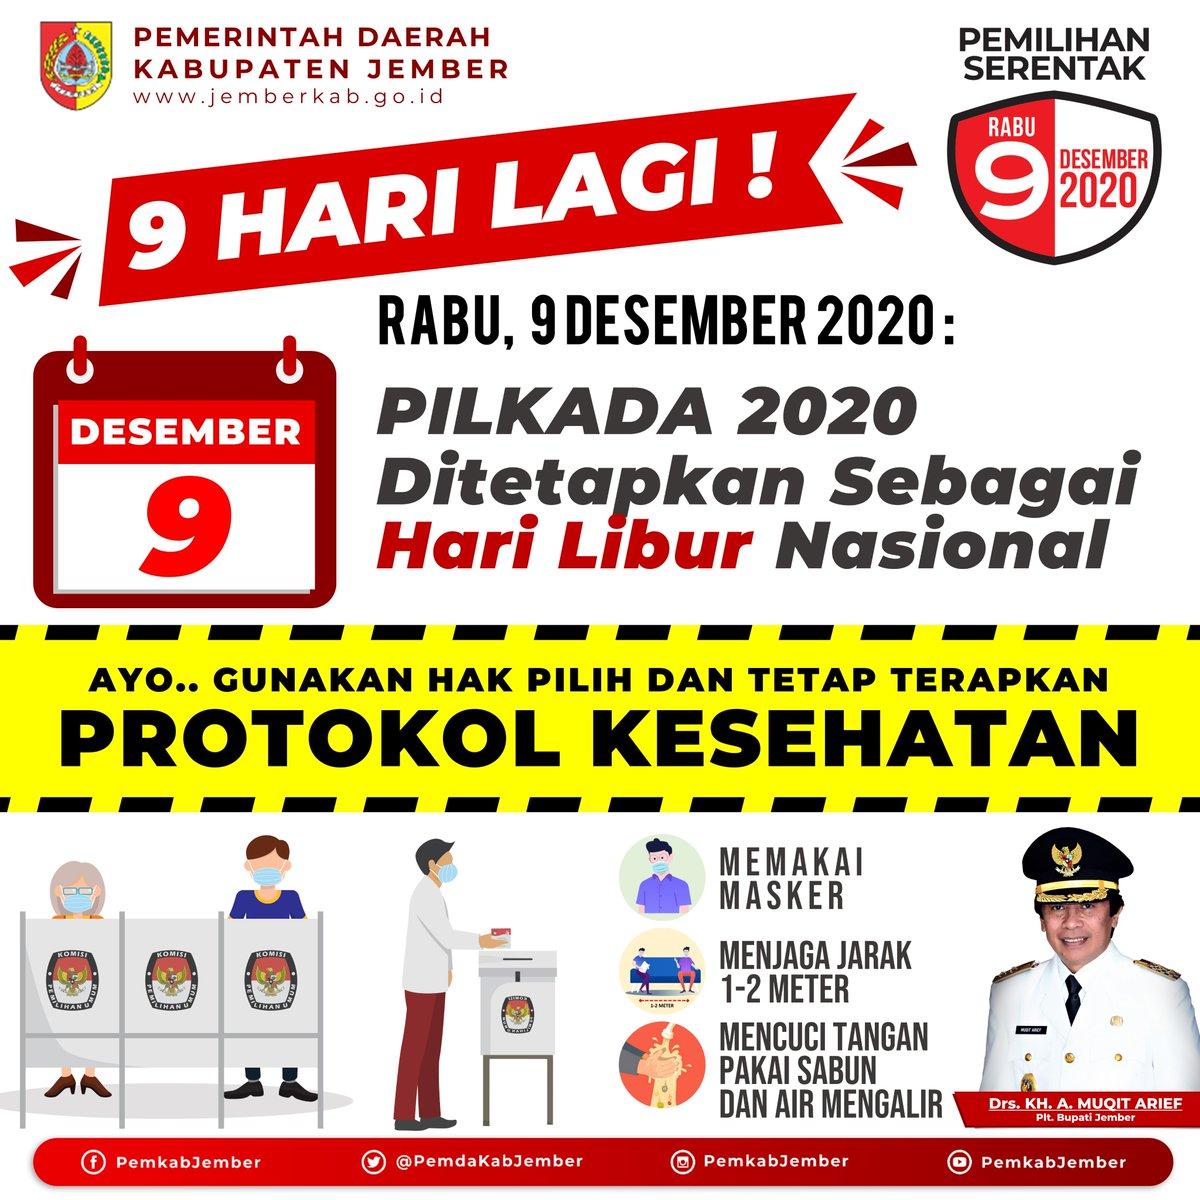 #Dulur udah tahu ya, bahwa Rabu, 9 Desember 2020 dilaksanakan Pilkada serentak untuk 270 daerah di seluruh Indonesia. Termasuk di Kabupaten Jember, Pemilihan Bupati dan Wakil Bupati. https://t.co/clv8AmHccb